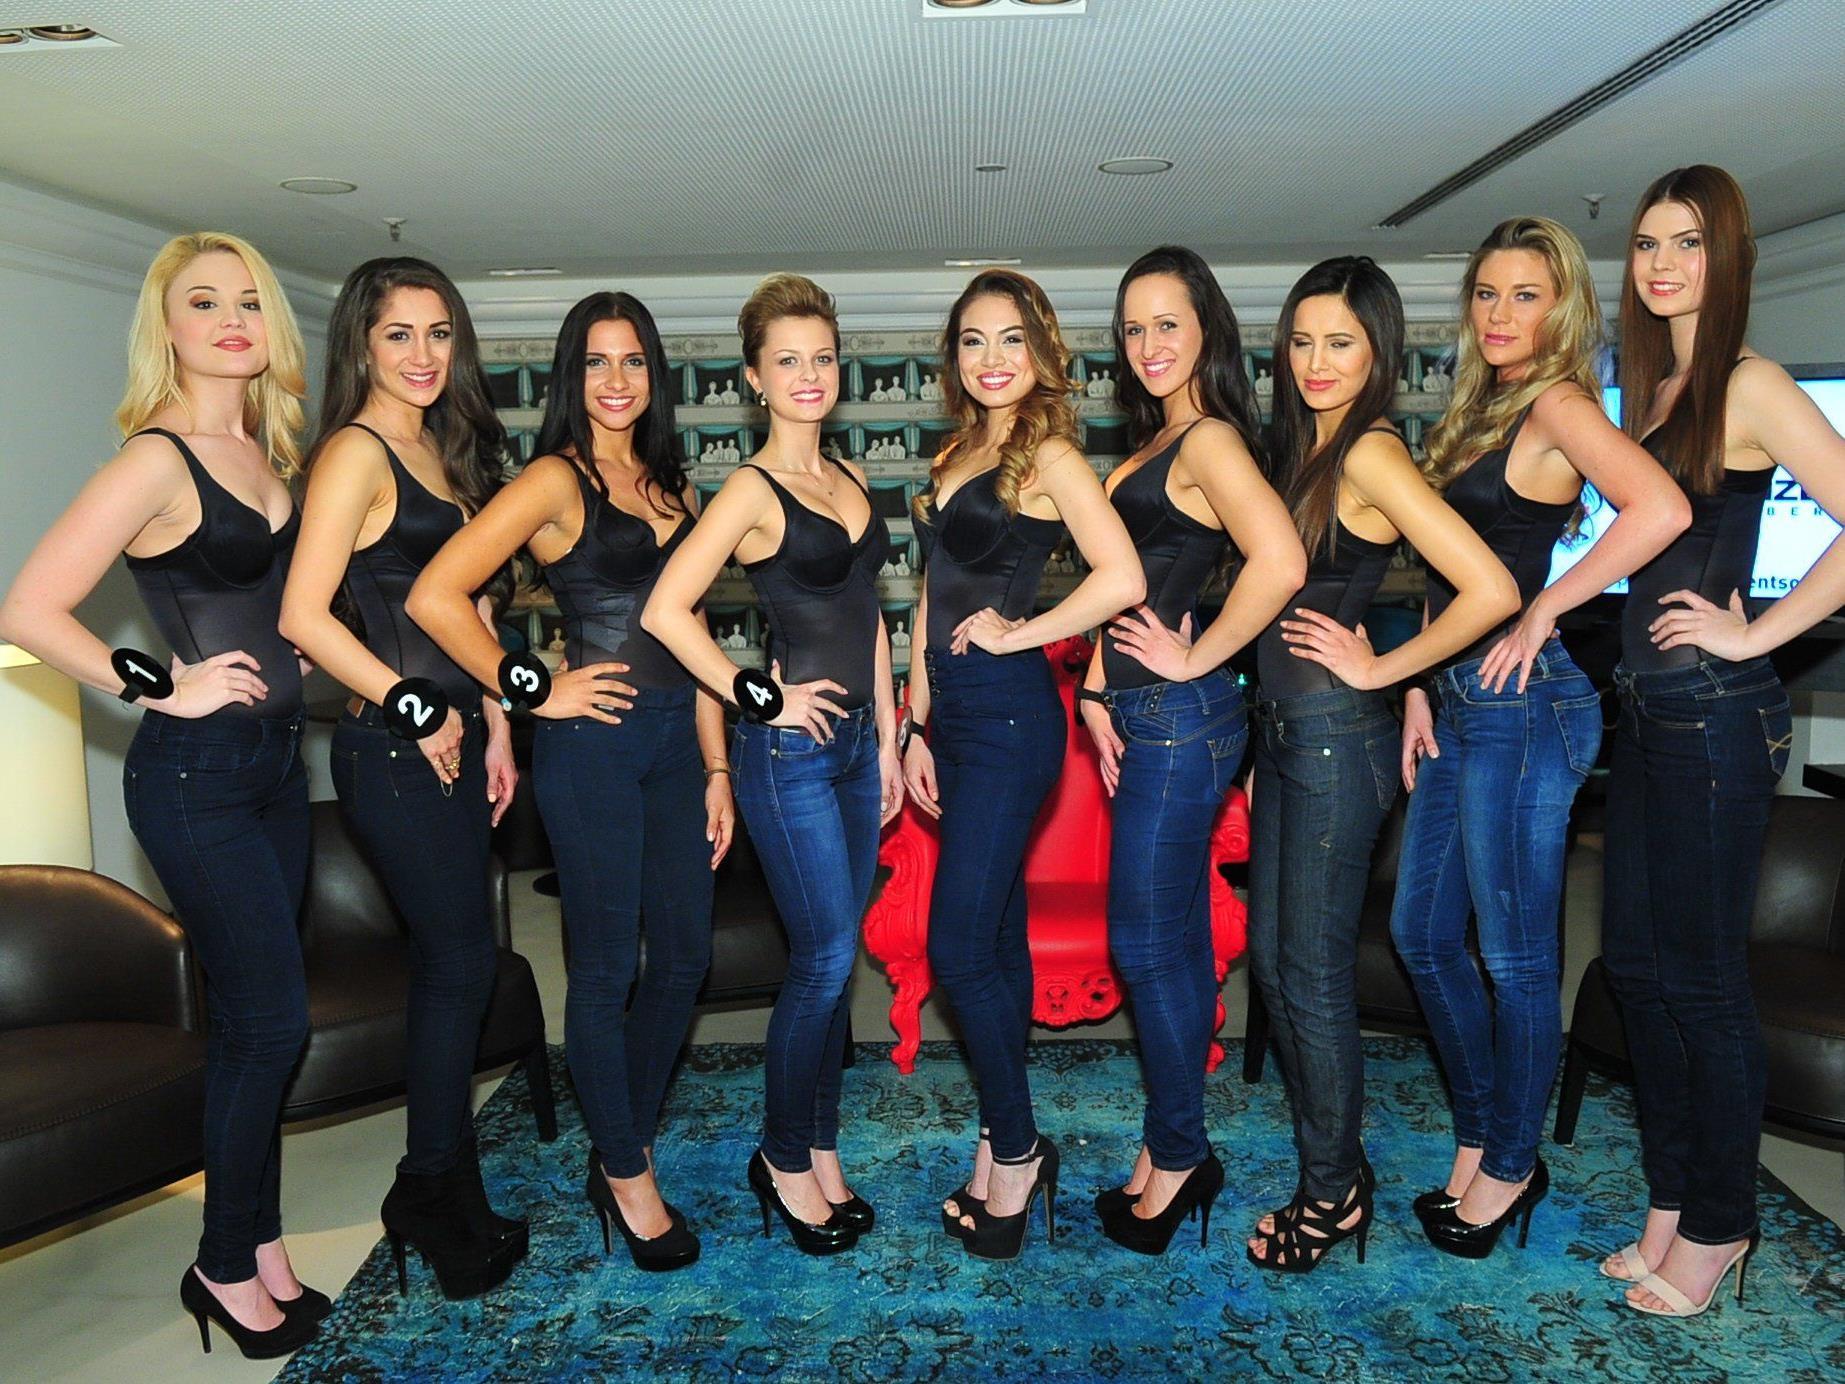 Das sind die 9 Finalistinnen für die Miss Vienna Wahl 2015.